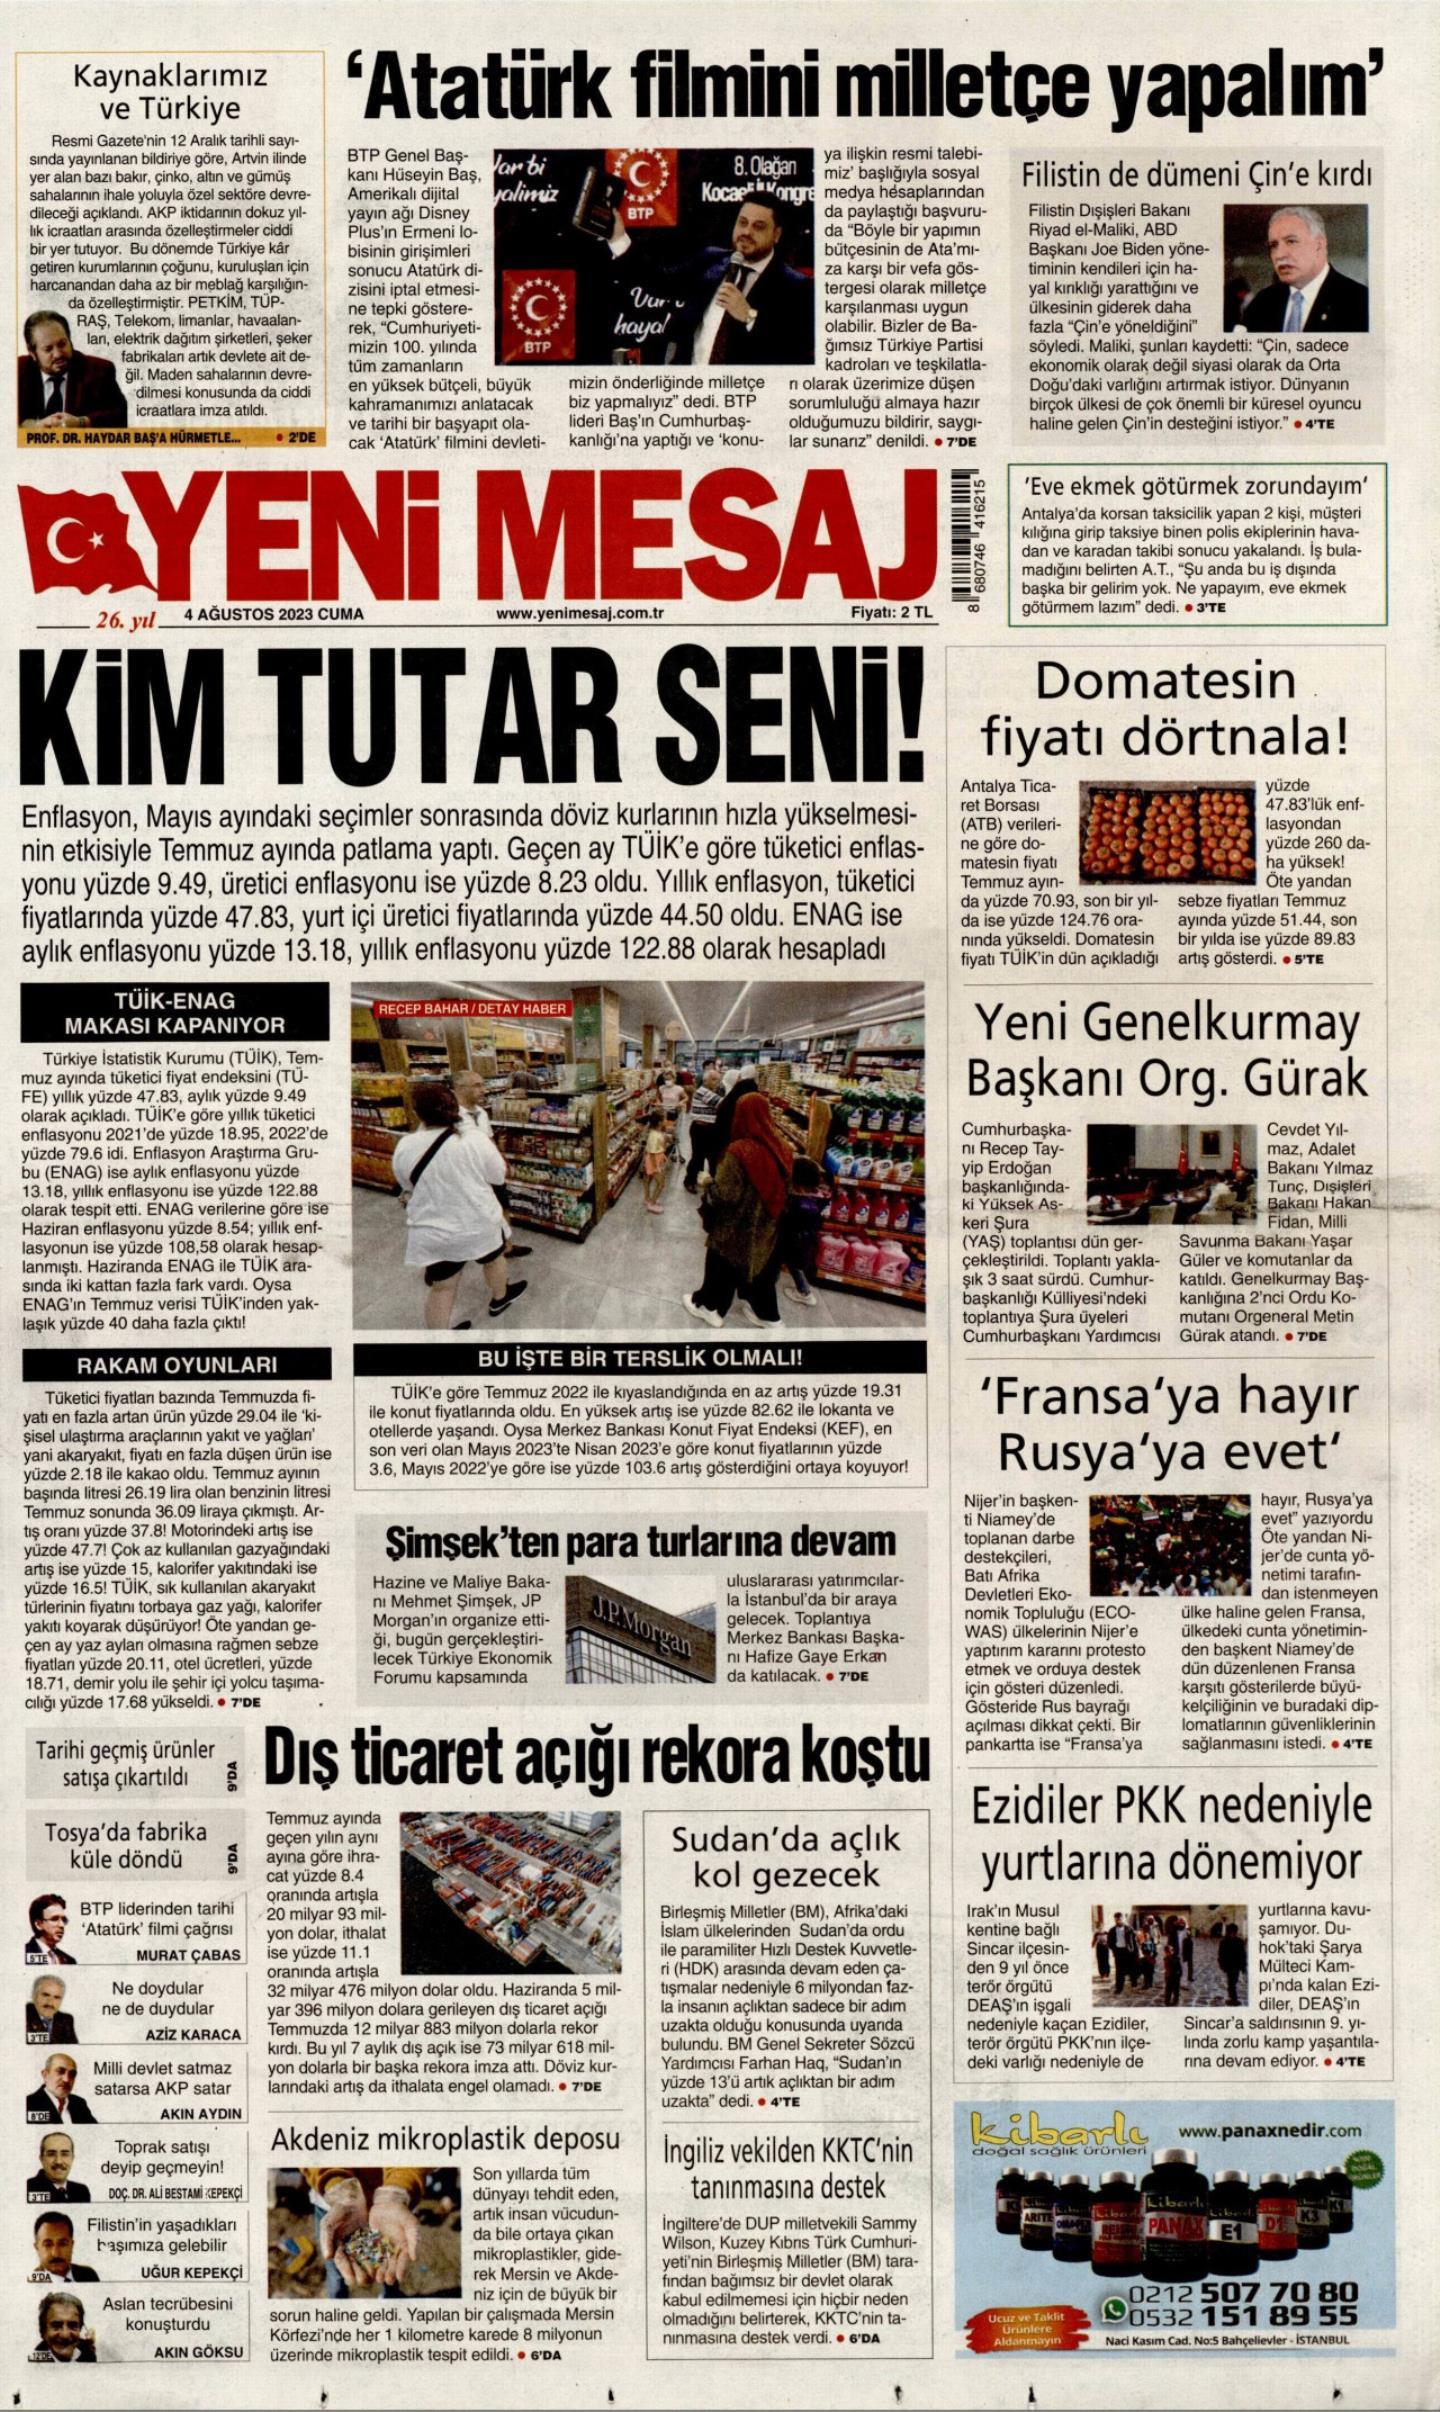 YENI-MESAJ